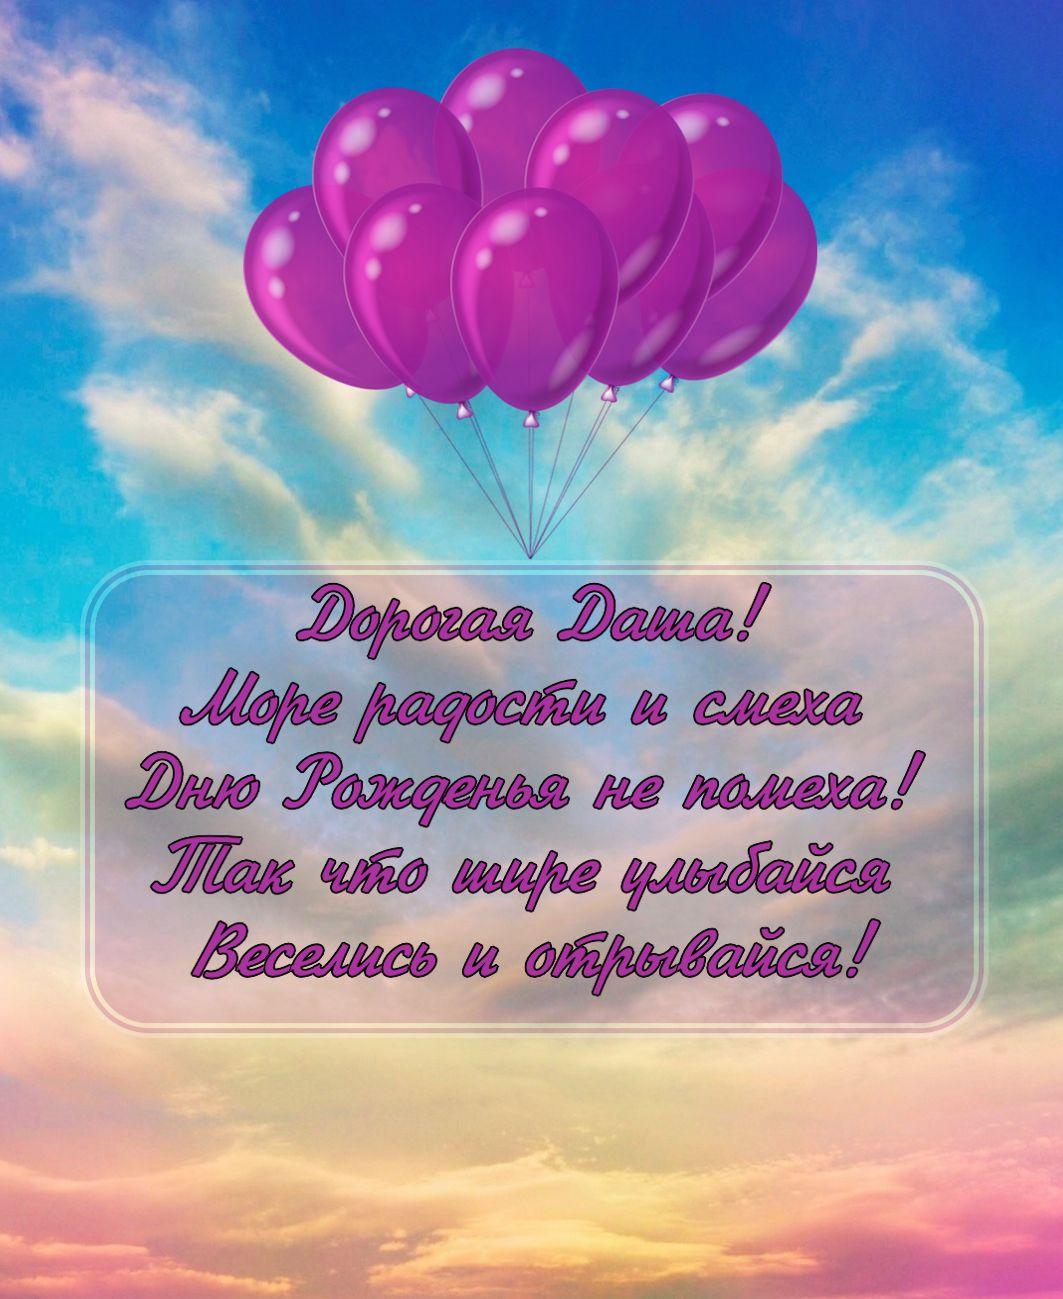 открытка - фиолетовые шарики на фоне красивого неба